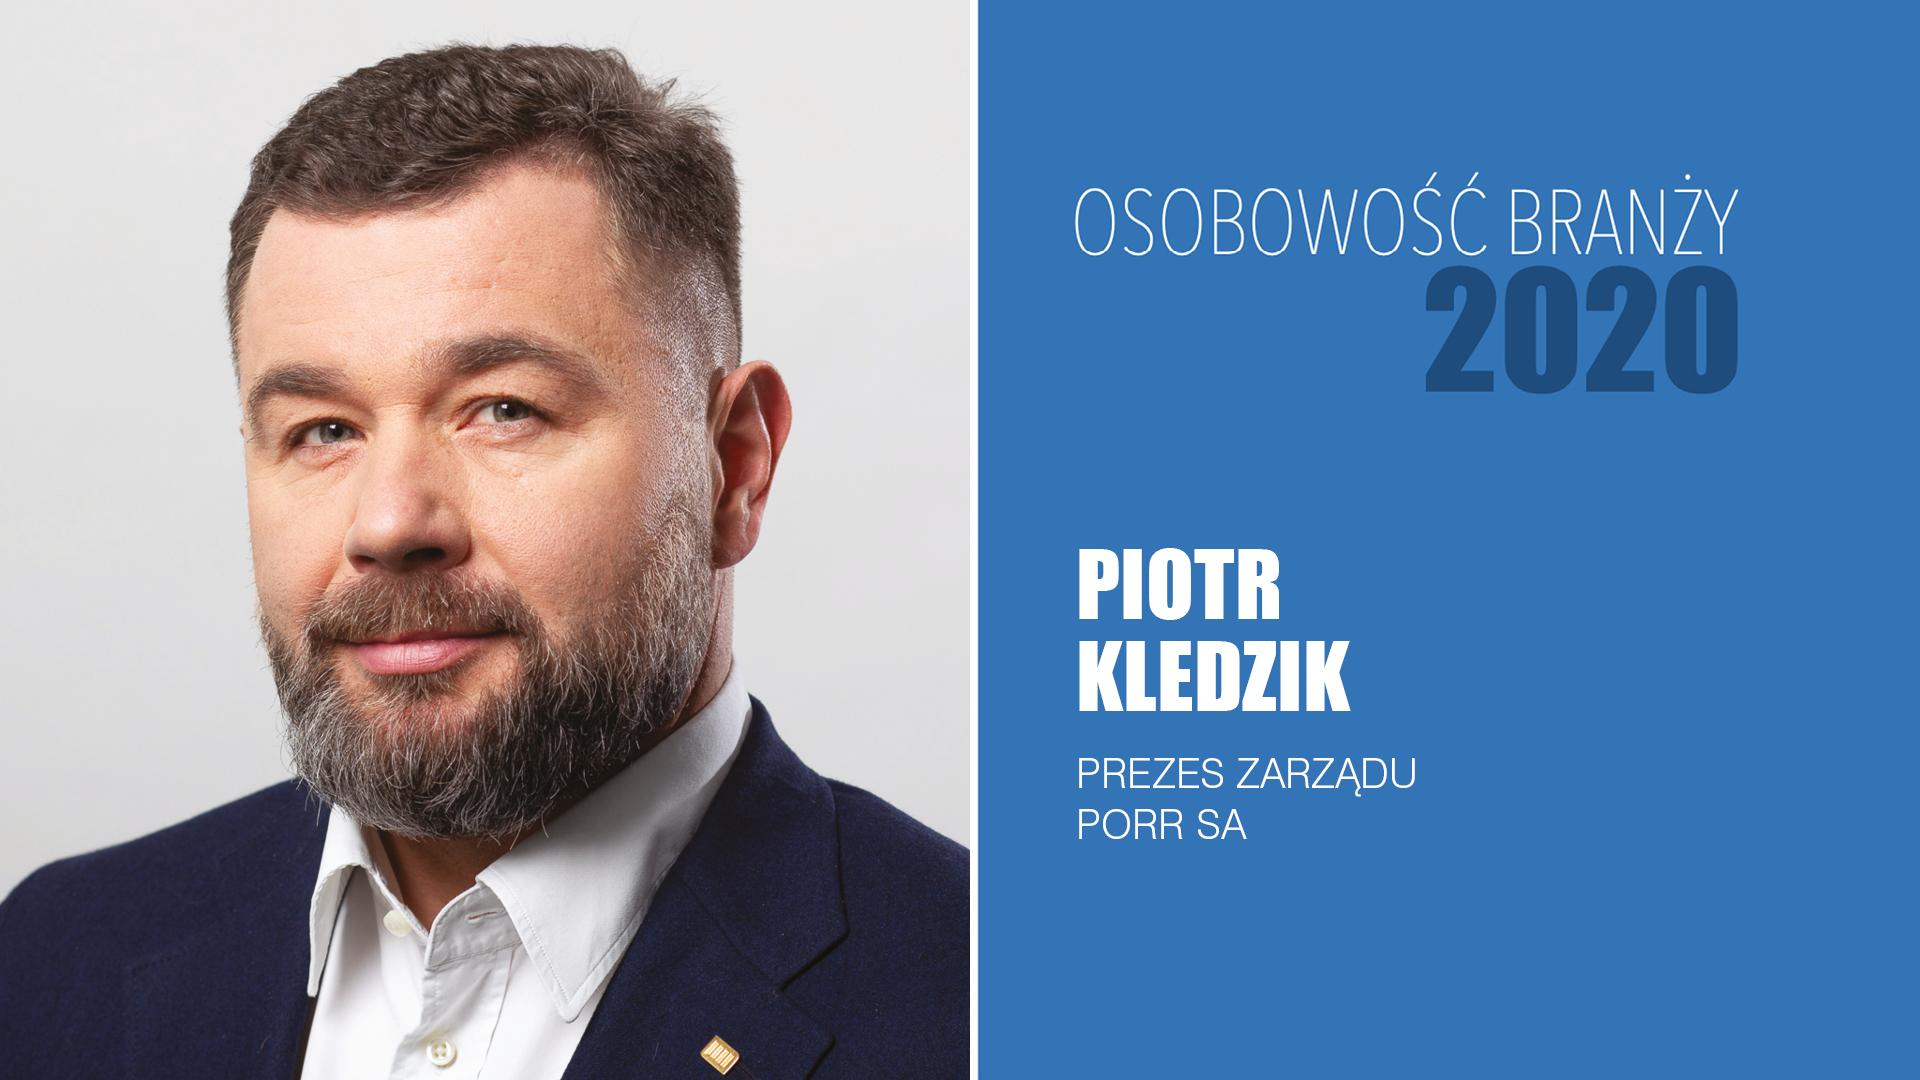 PIOTR KLEDZIK – Osobowość Branży 2020